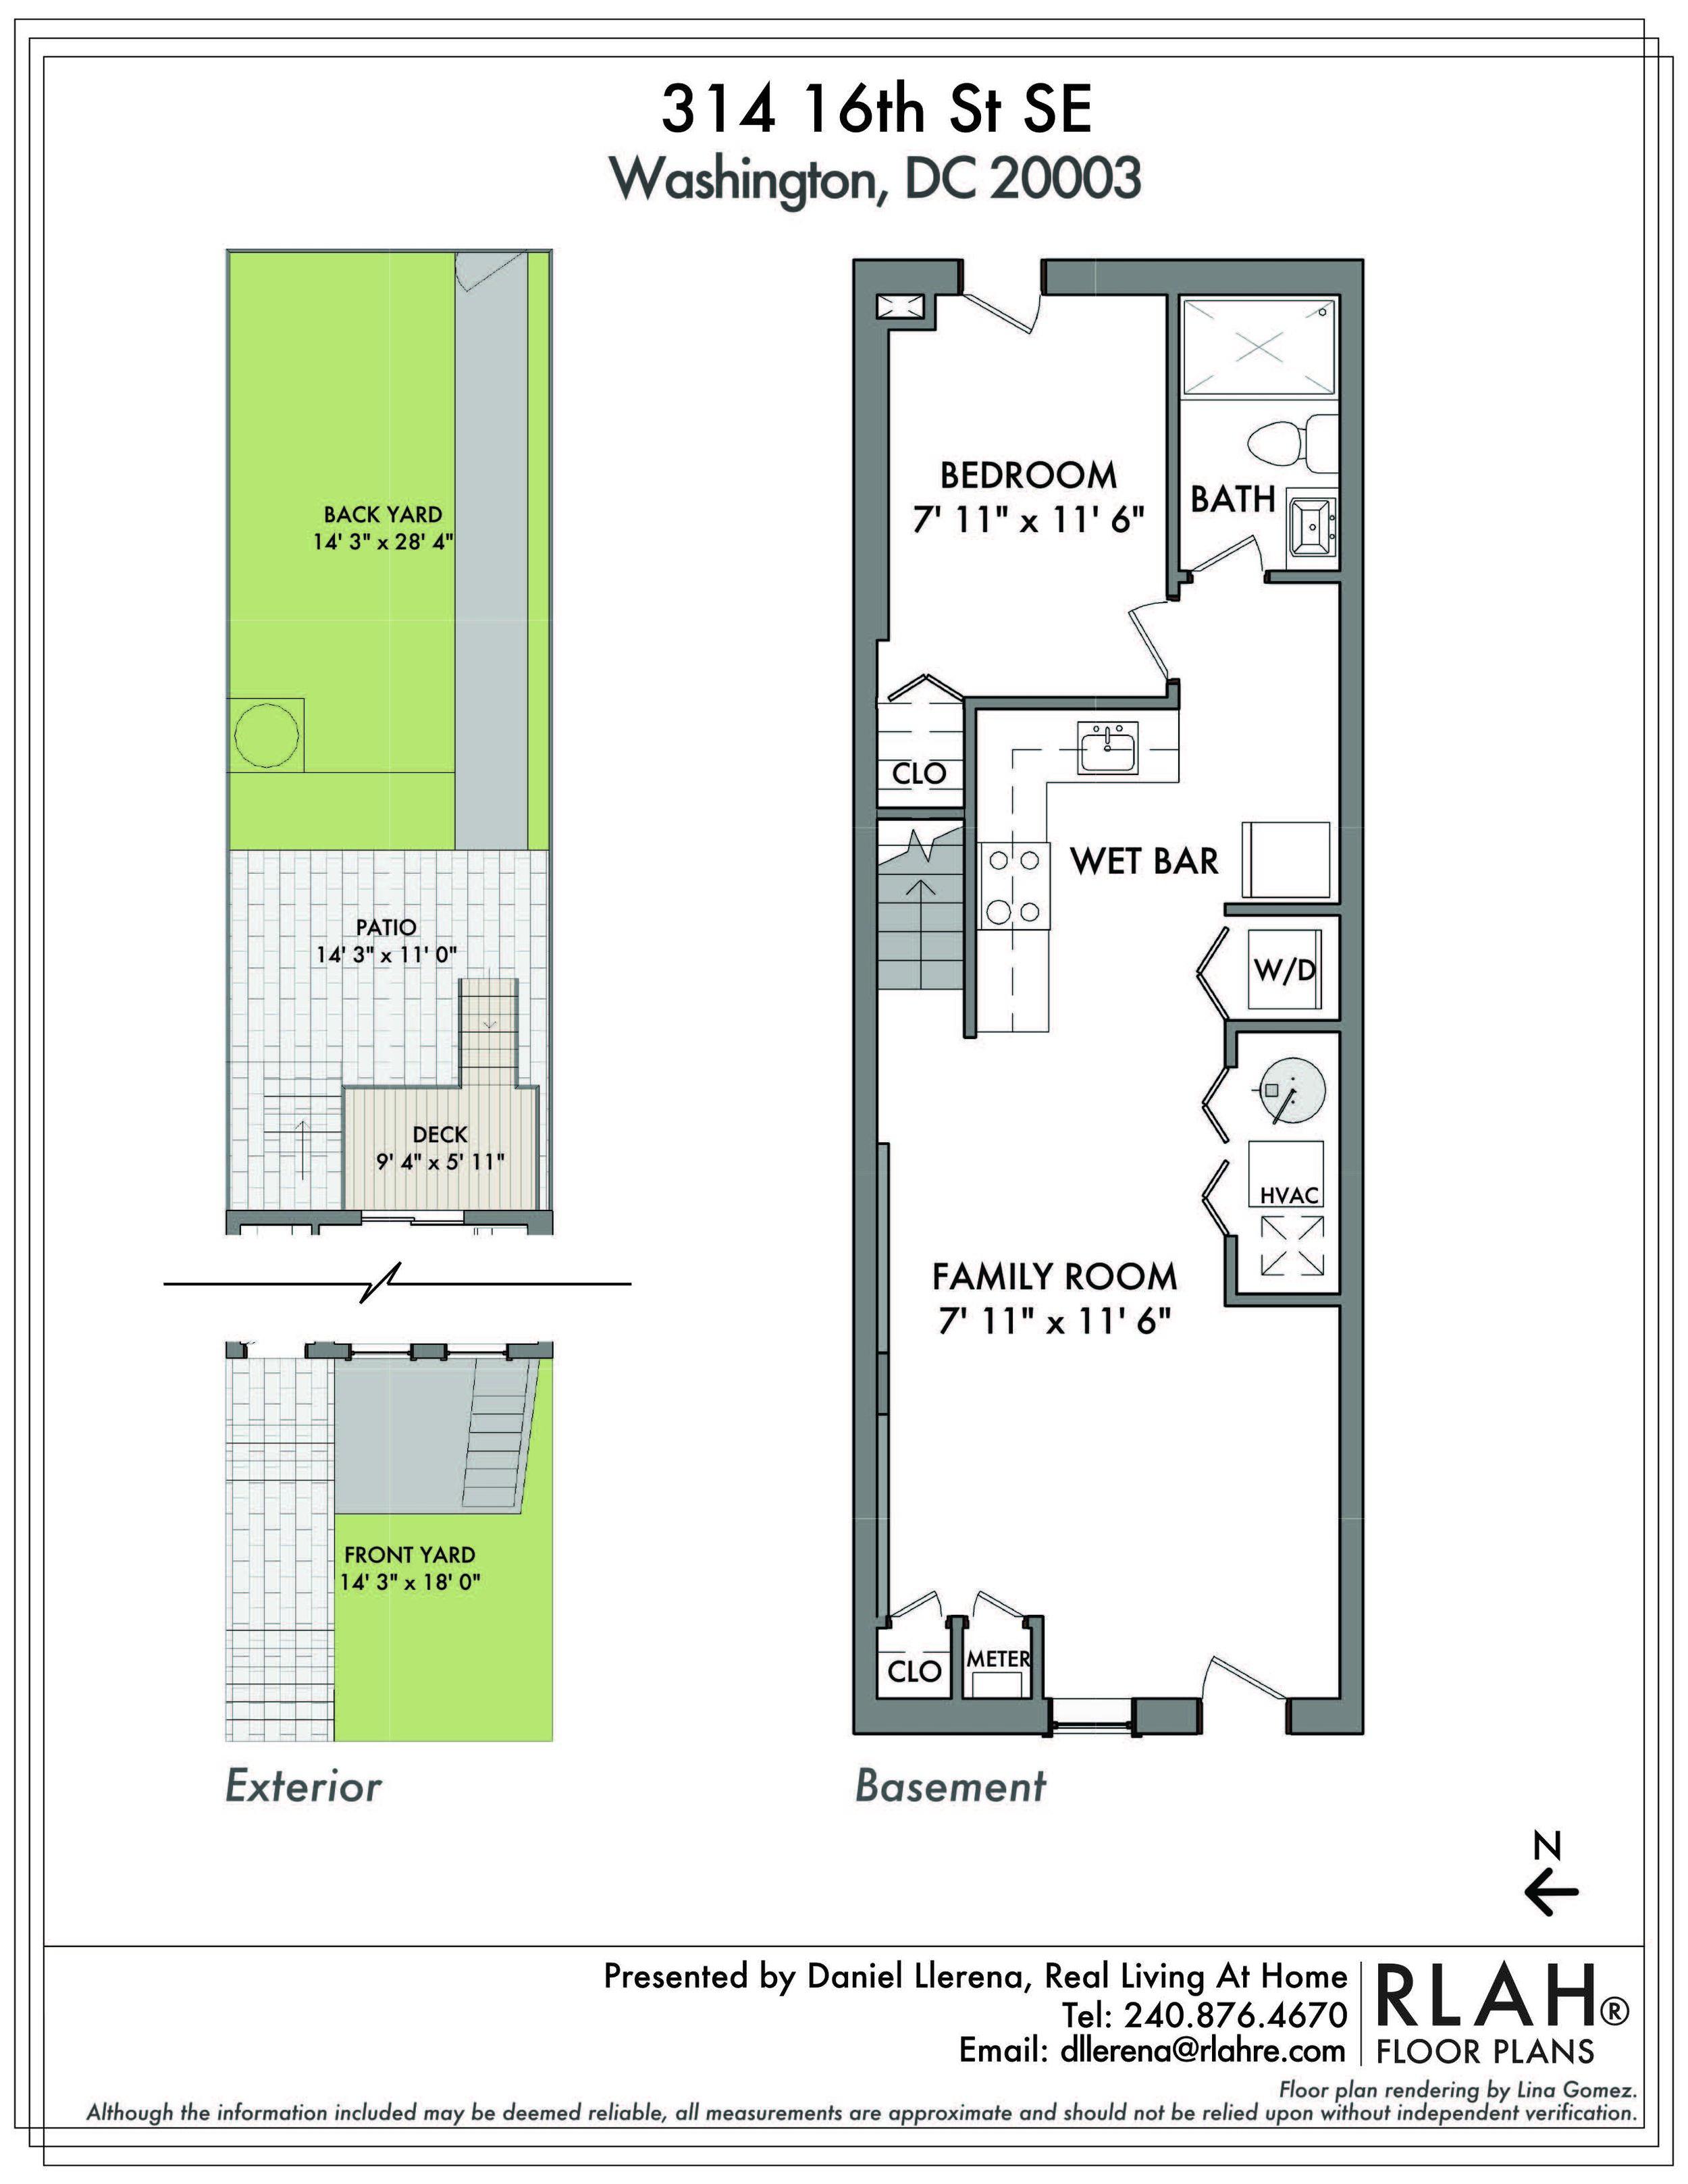 314-16th-St-SE-Exterior-Basement.jpg